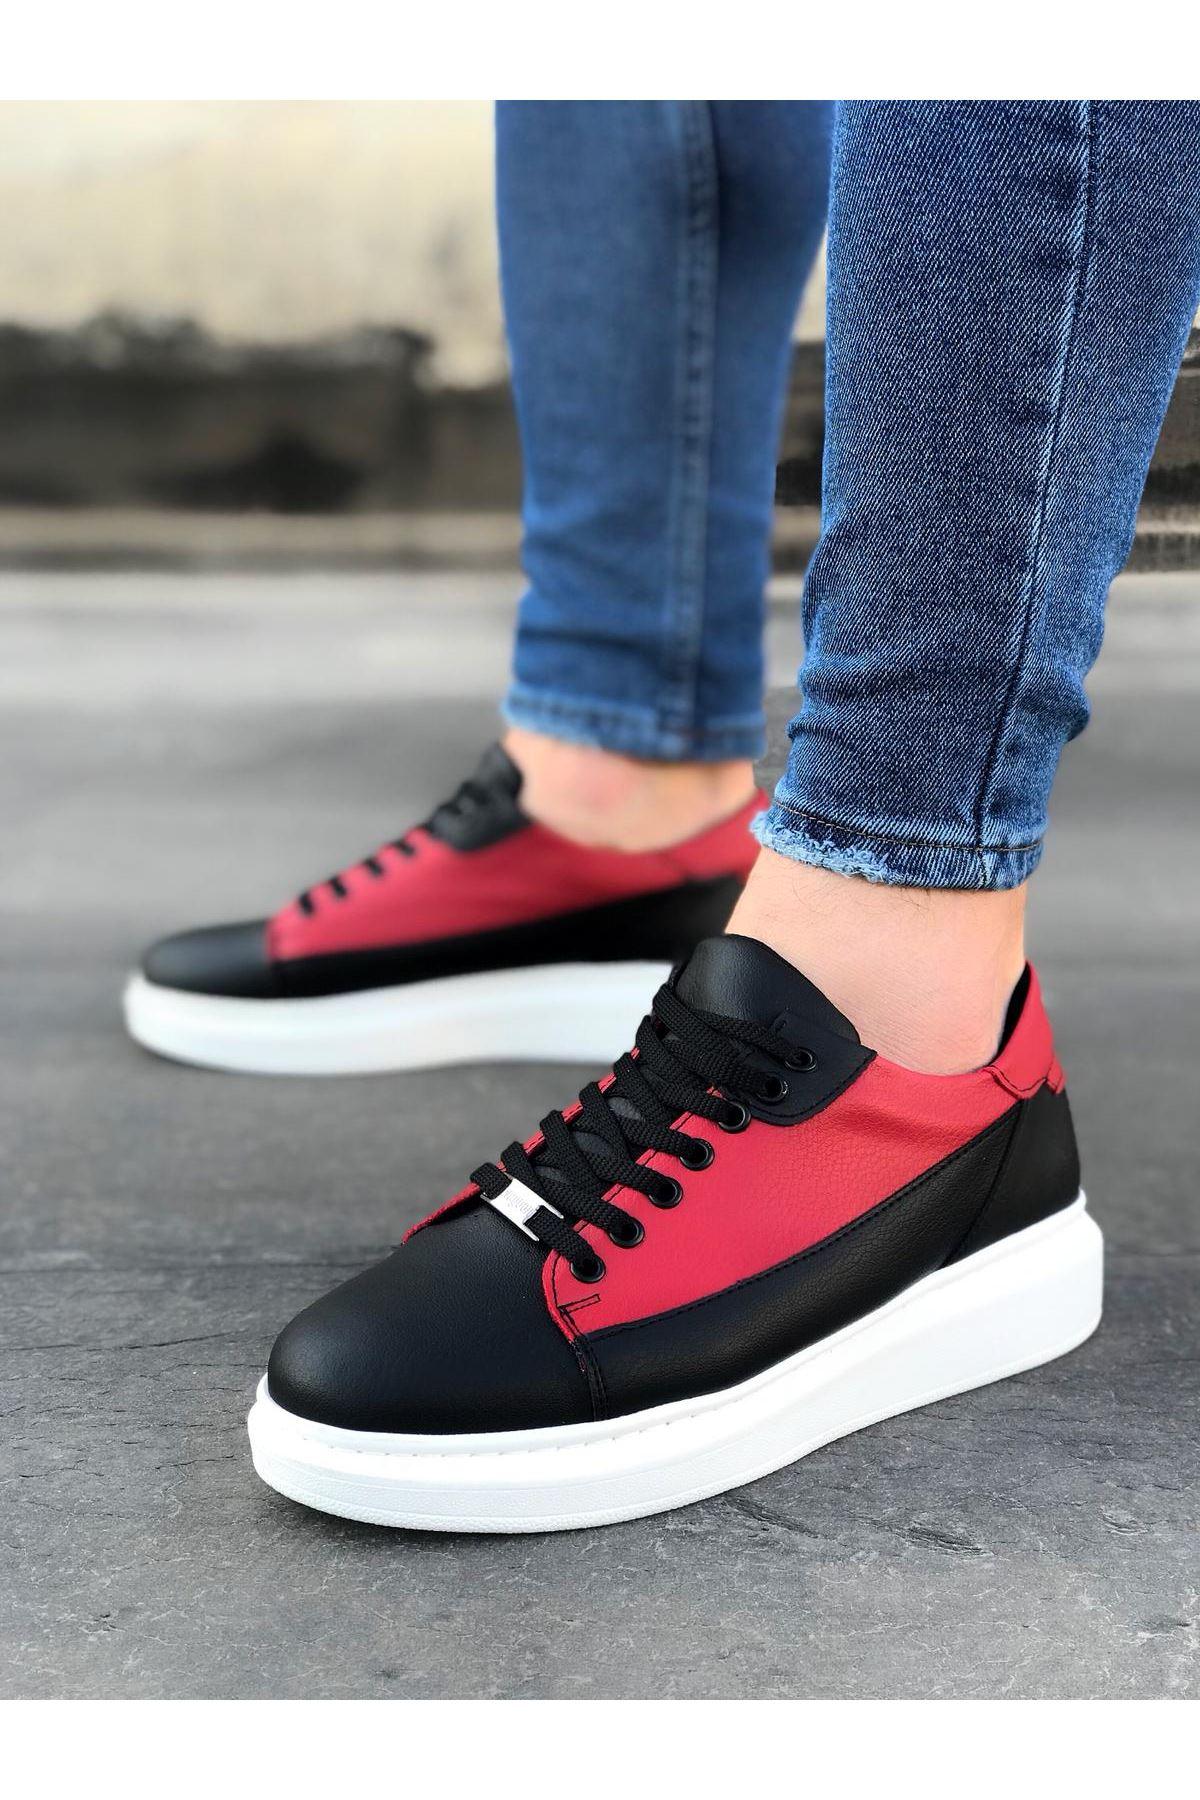 Wagoon WG028 Siyah Kırmızı Bağcıklı Kalın Taban Casual Erkek Ayakkabı